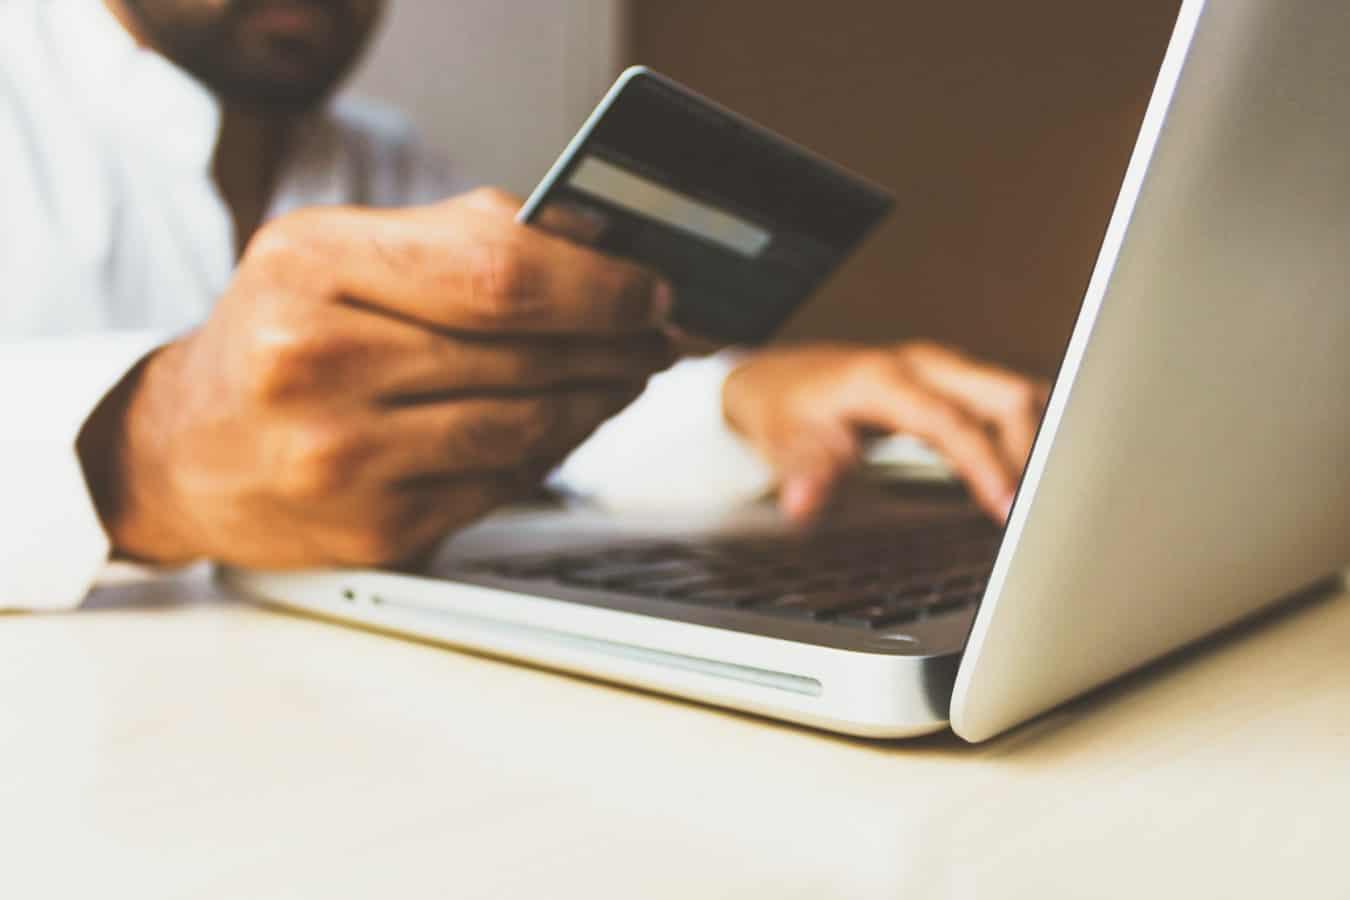 płatność kartą w e-commerce